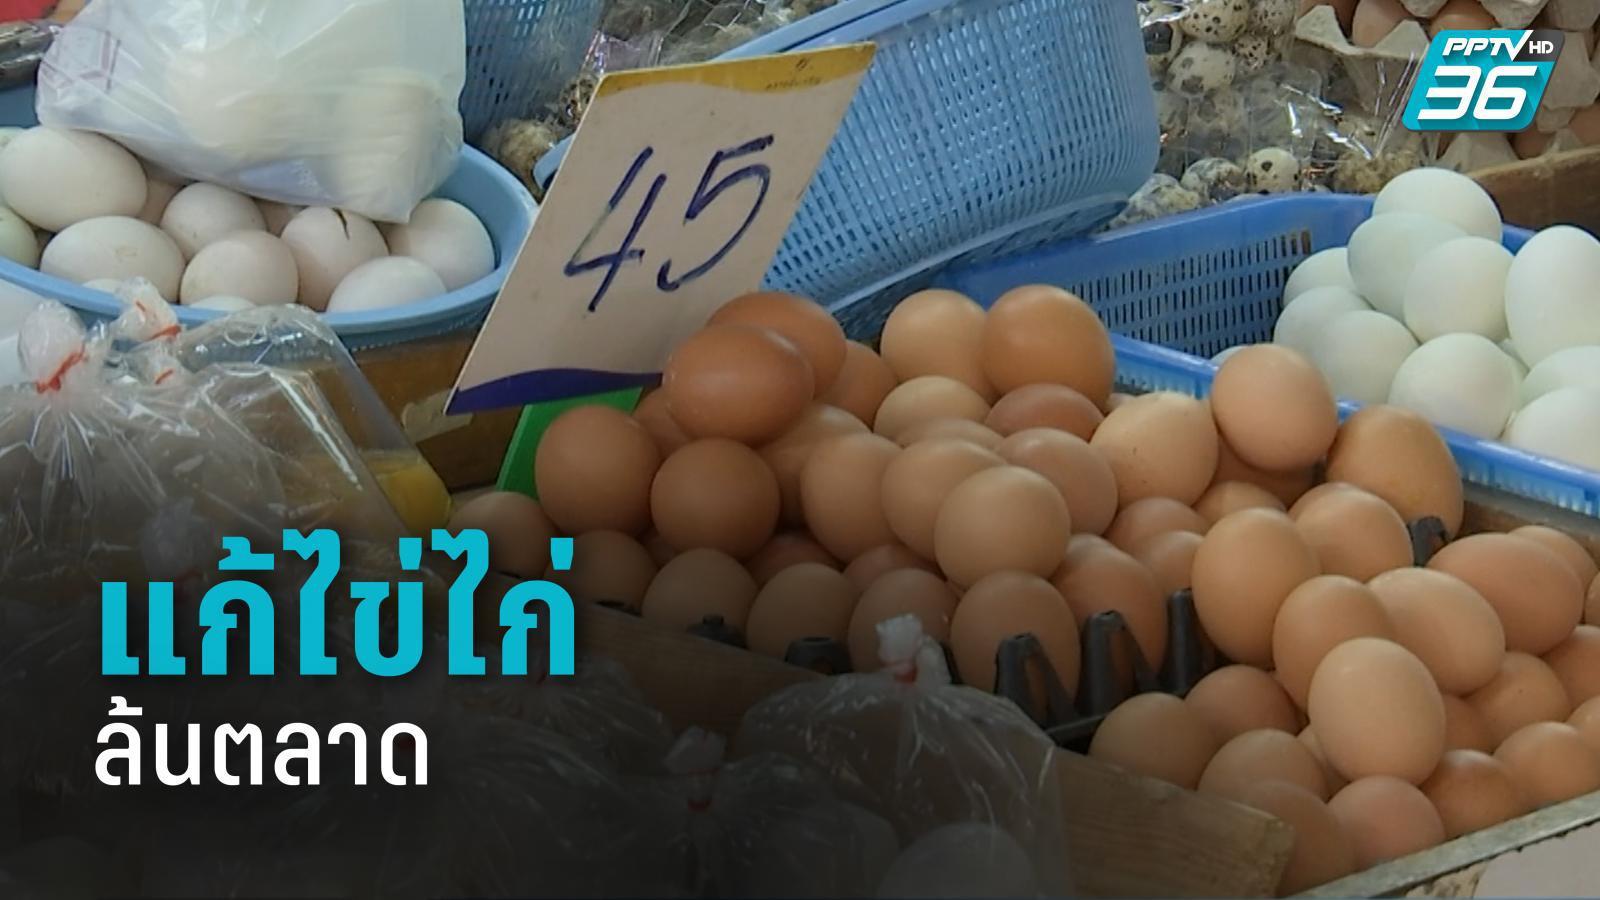 ก.เกษตรฯ งัด 4 มาตรการ แก้ไข่ไก่ล้นตลาด!